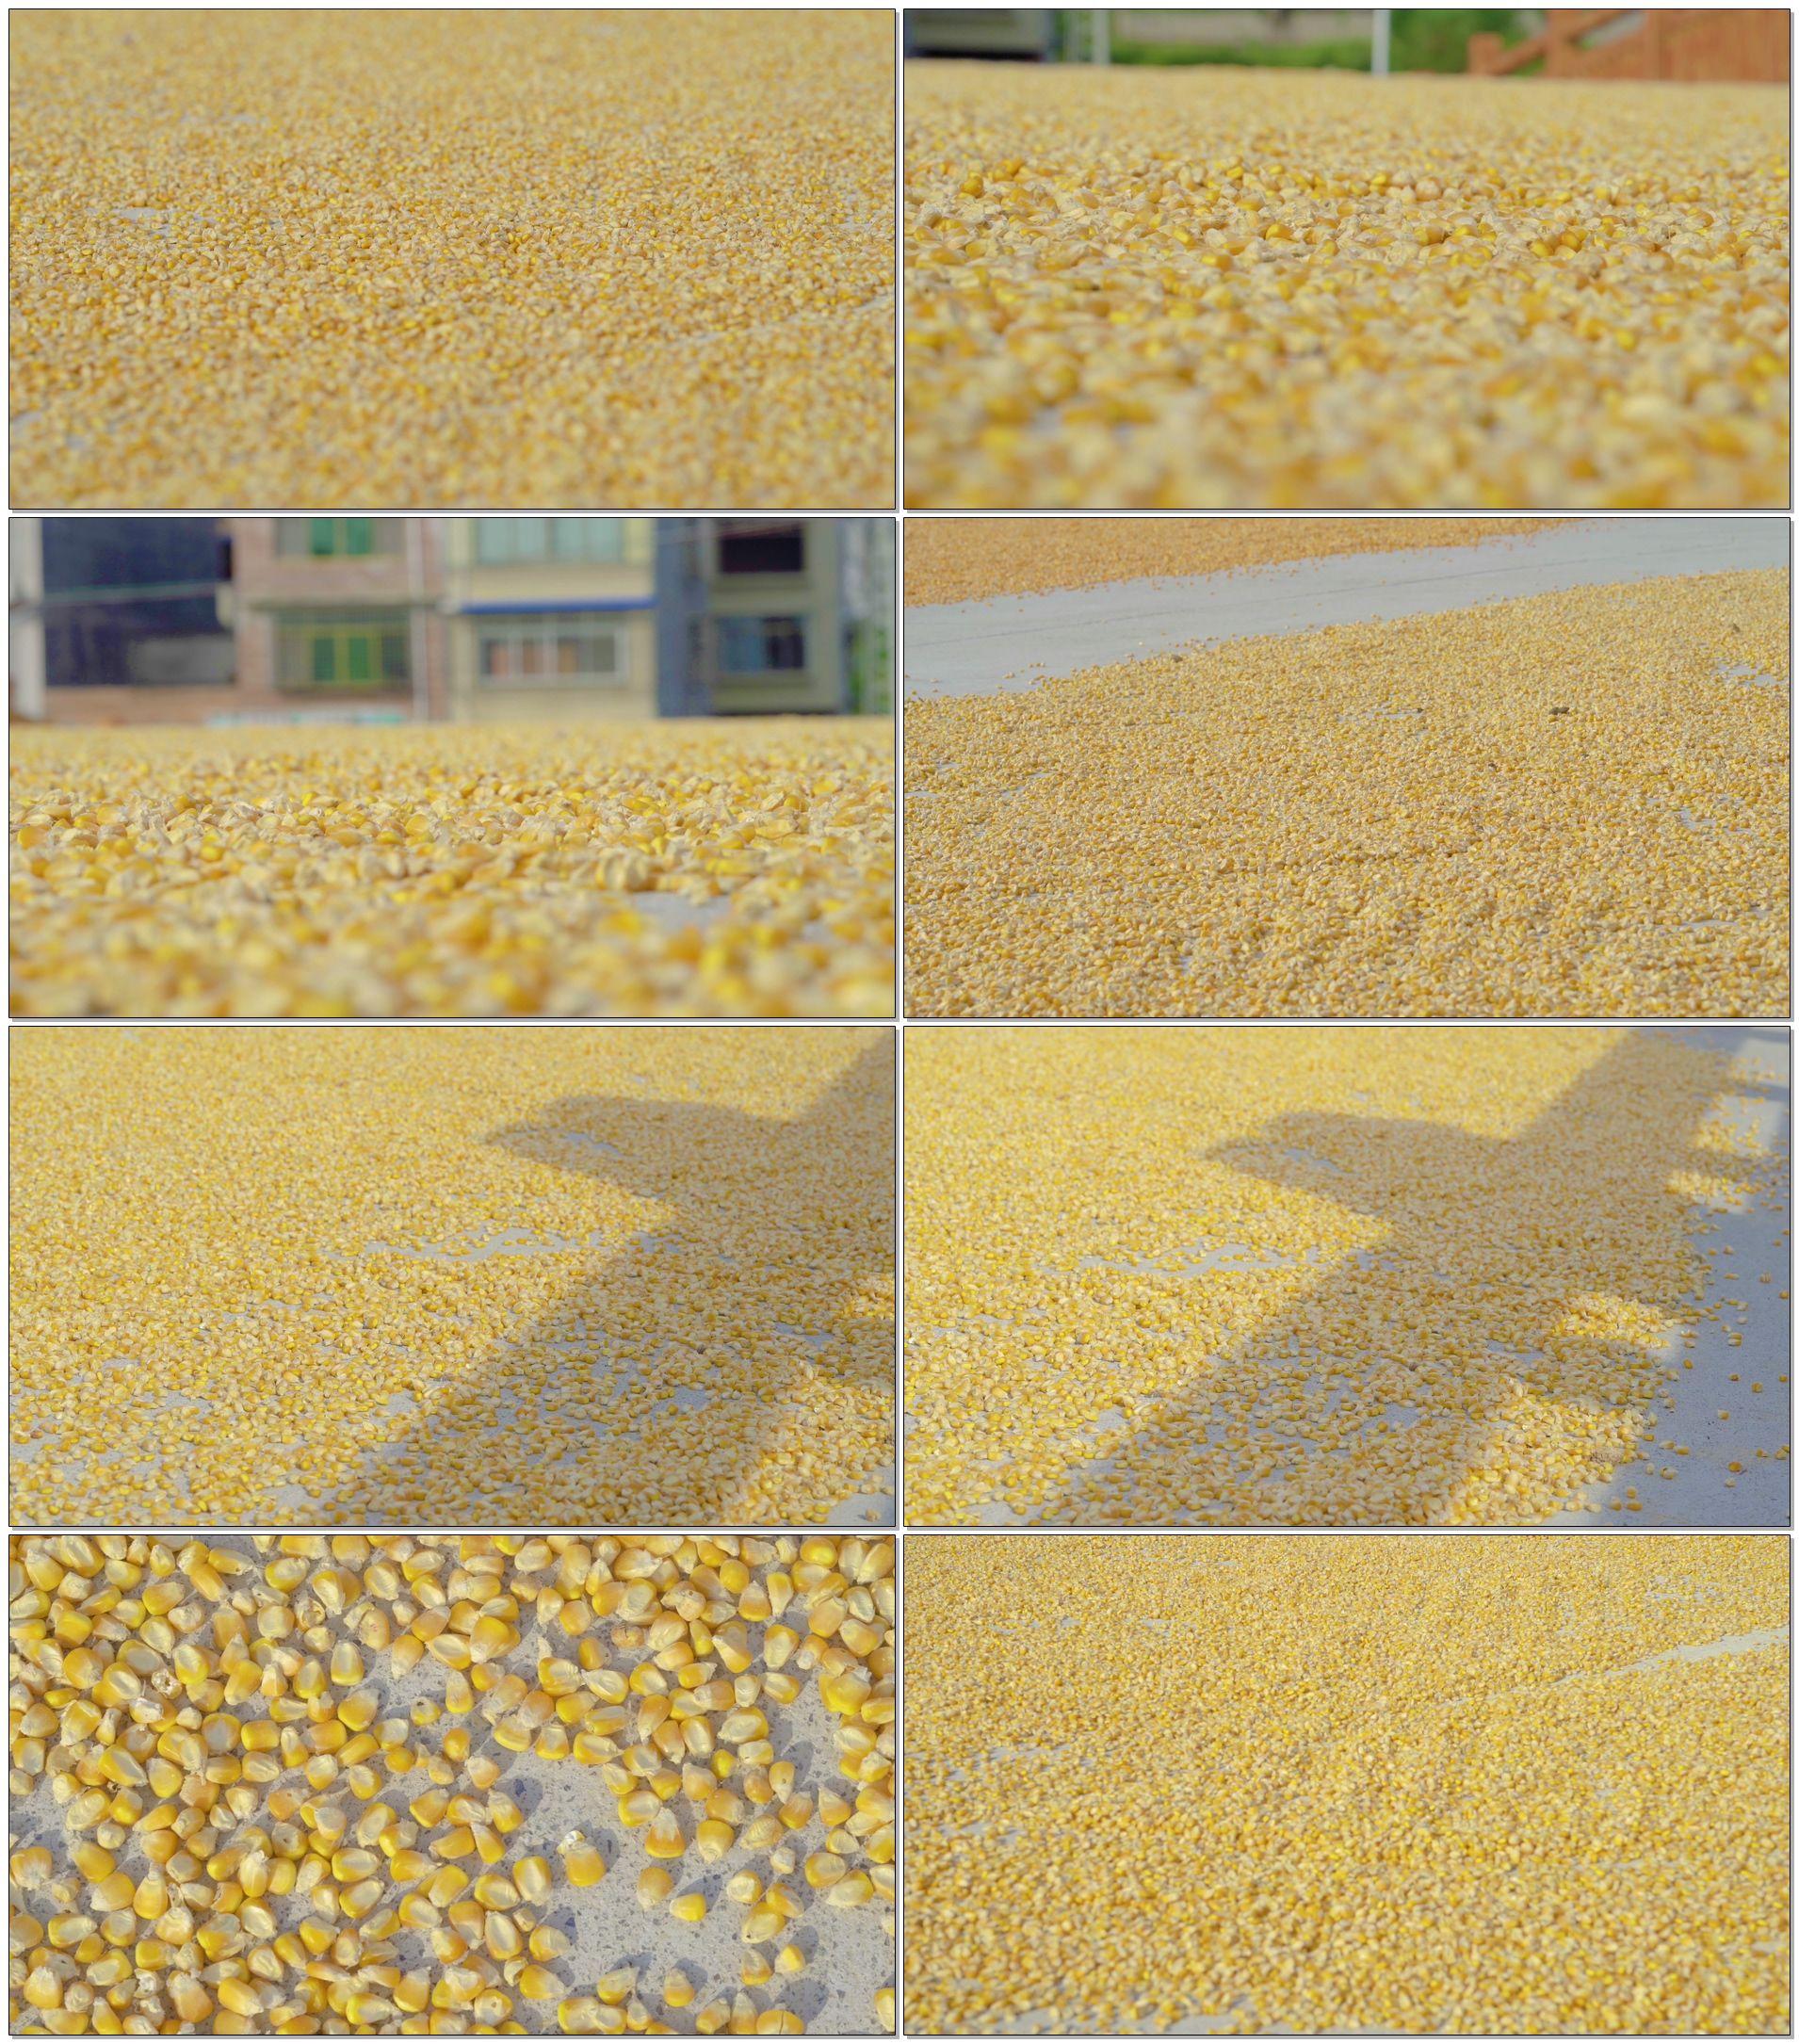 晒玉米粒,www.yiyingbk.com